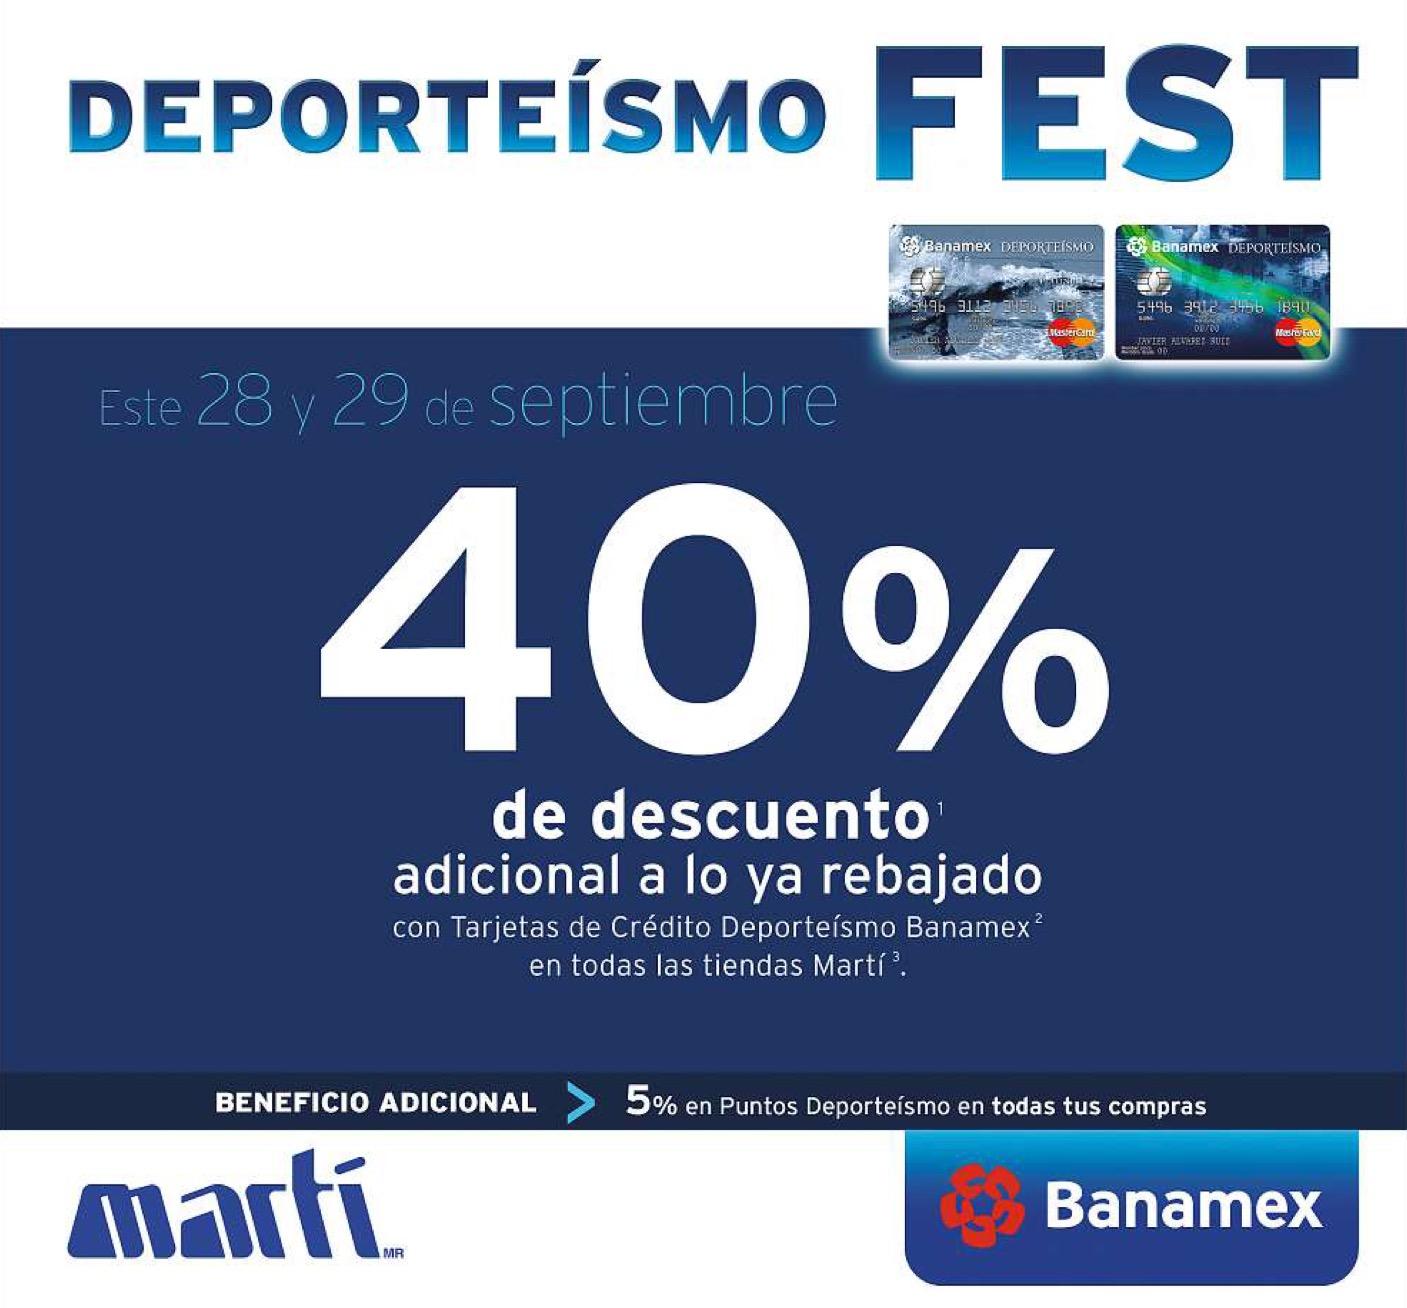 Martí: deporteísmo fest 28 y 29 de septiembre